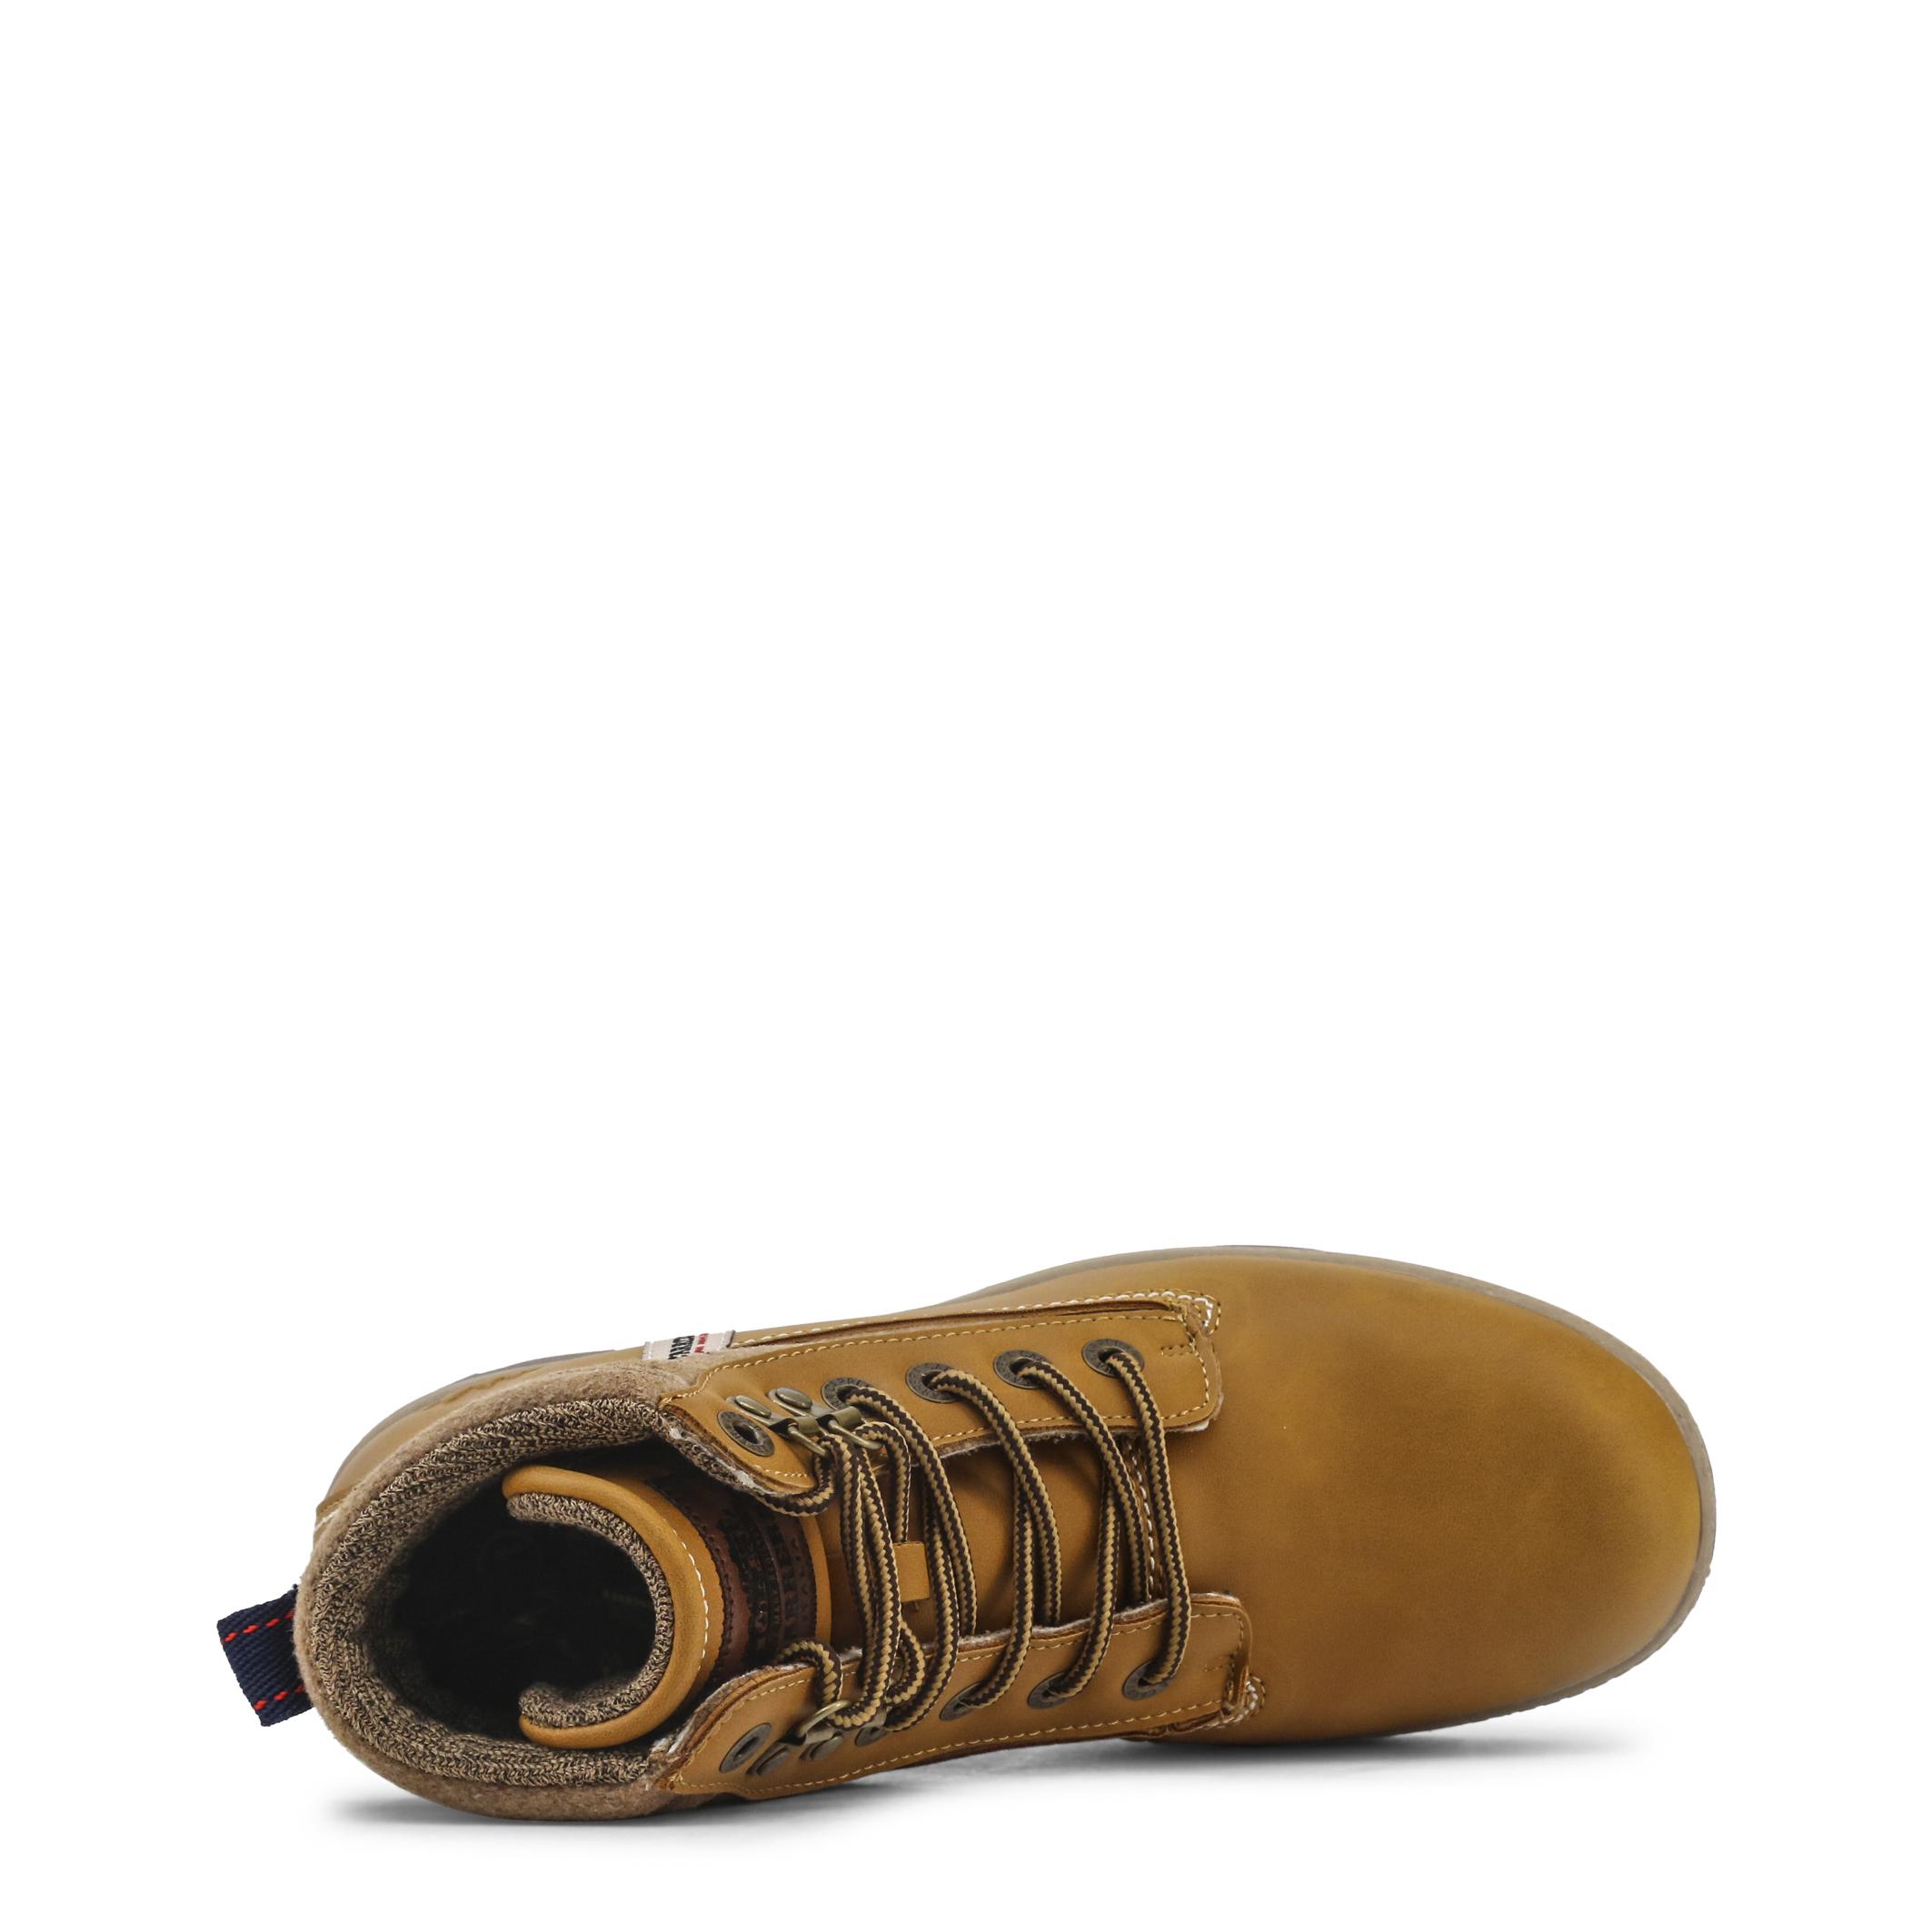 Stivaletti-Carrera-Jeans-CAM821200-Uomo-Marrone-94013 miniatura 3